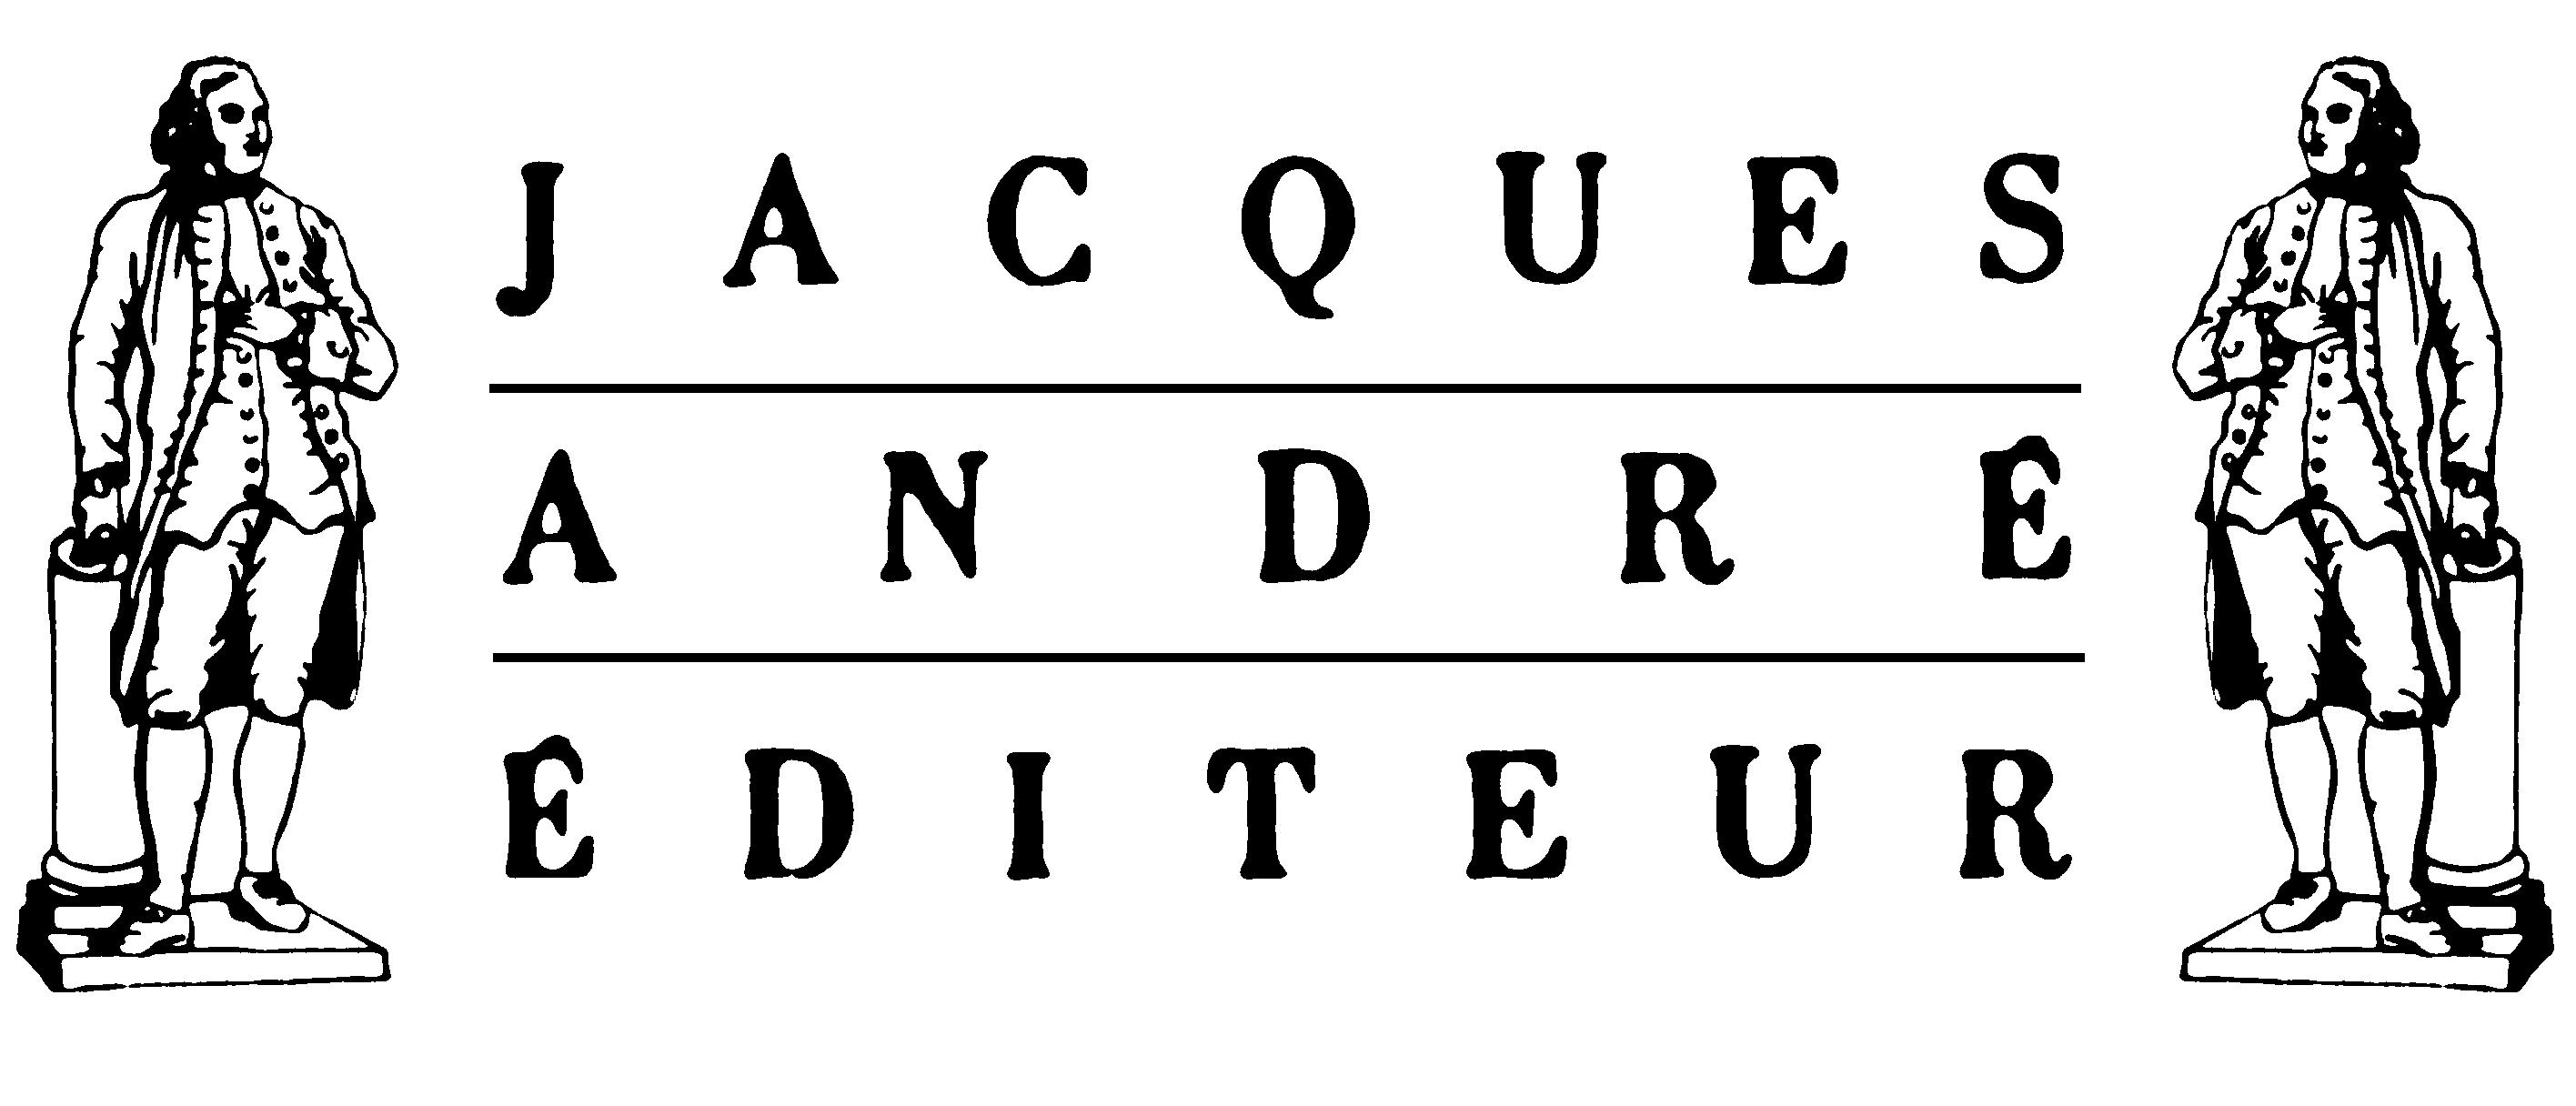 Jacques Andre Editeur